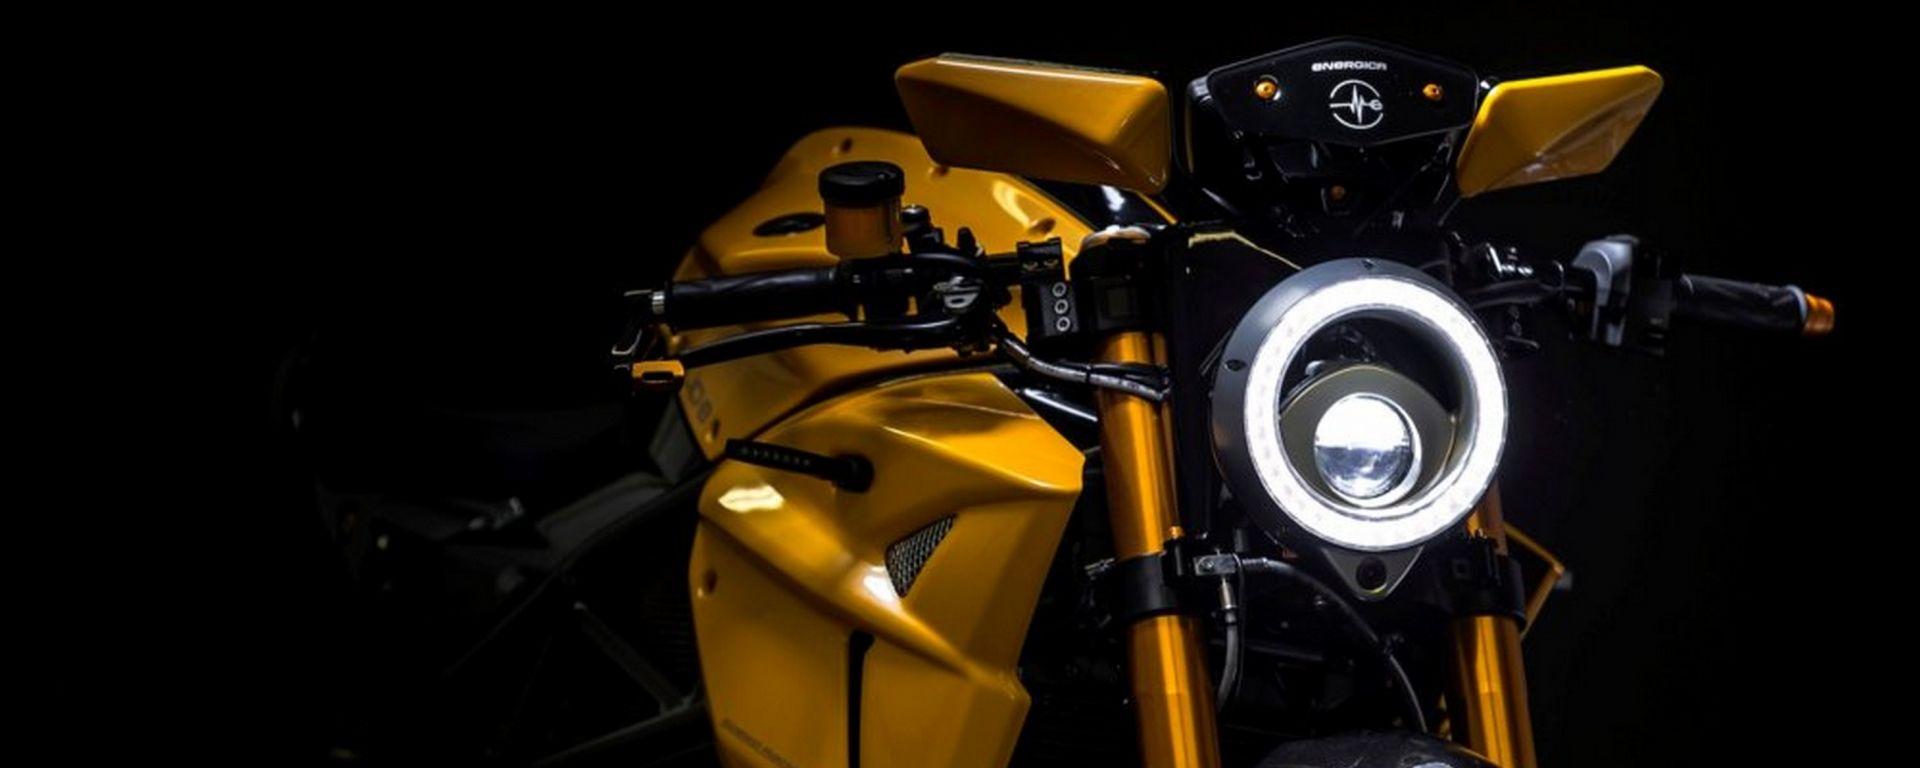 Energica Bolid-E, la moto elettrica intelligente by Samsung